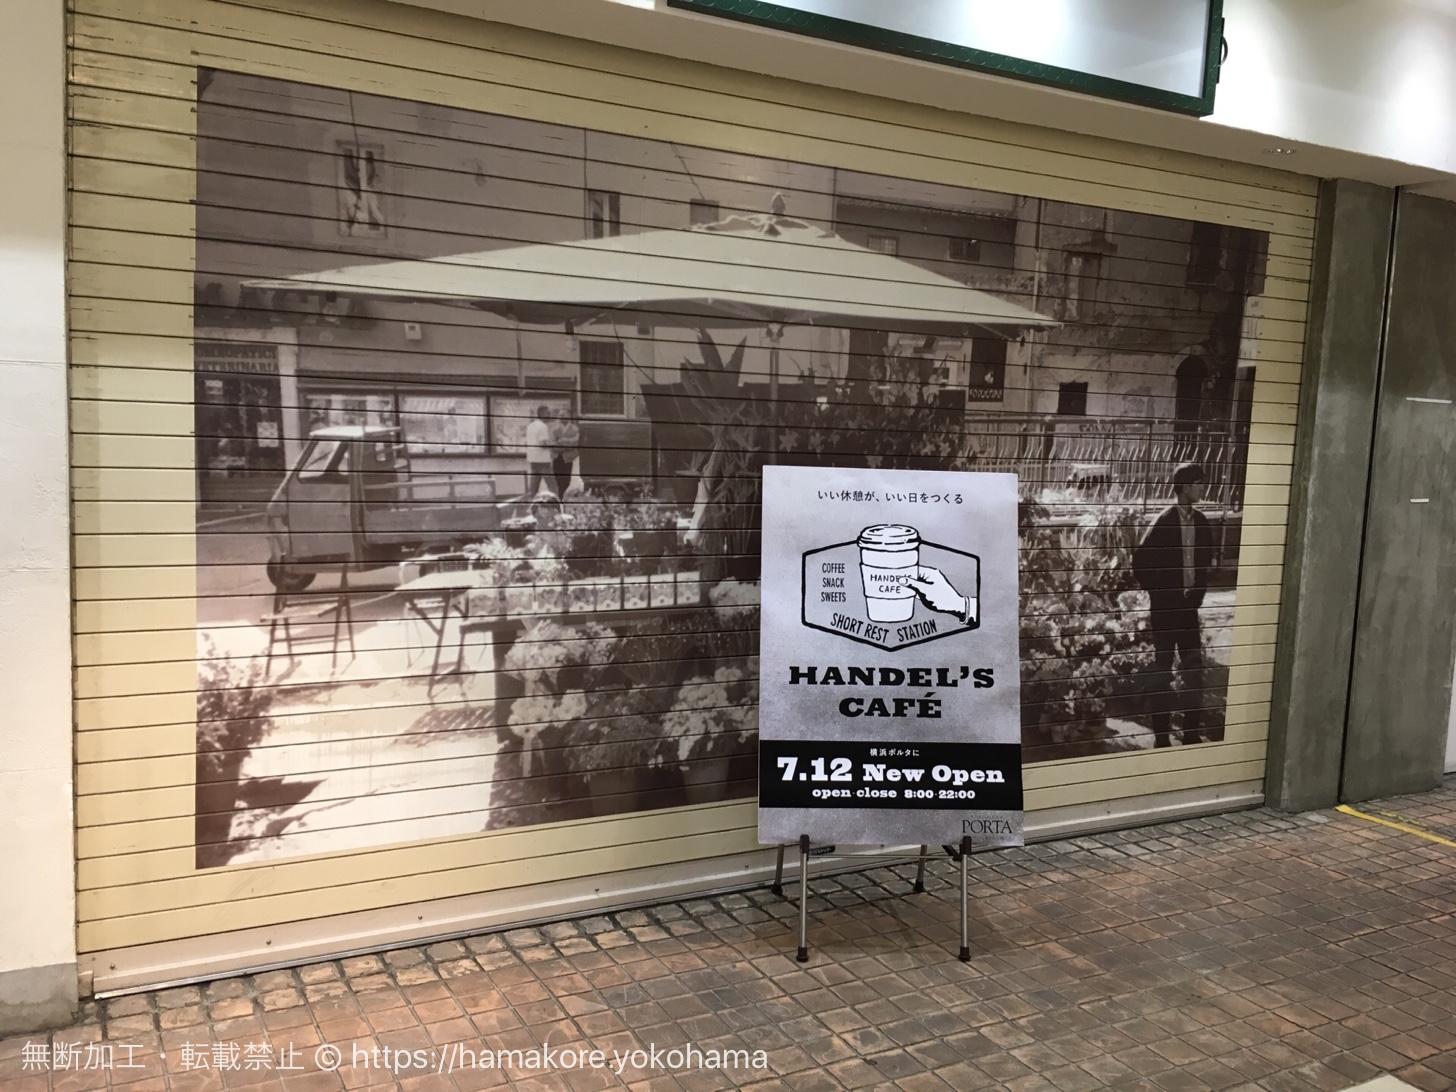 ハンデルスカフェが横浜ポルタに2017年7月12日オープン!MOUMOU跡地